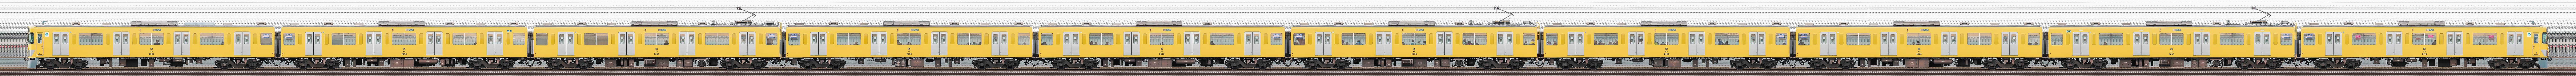 西武9000系9102編成(2位側)の編成サイドビュー